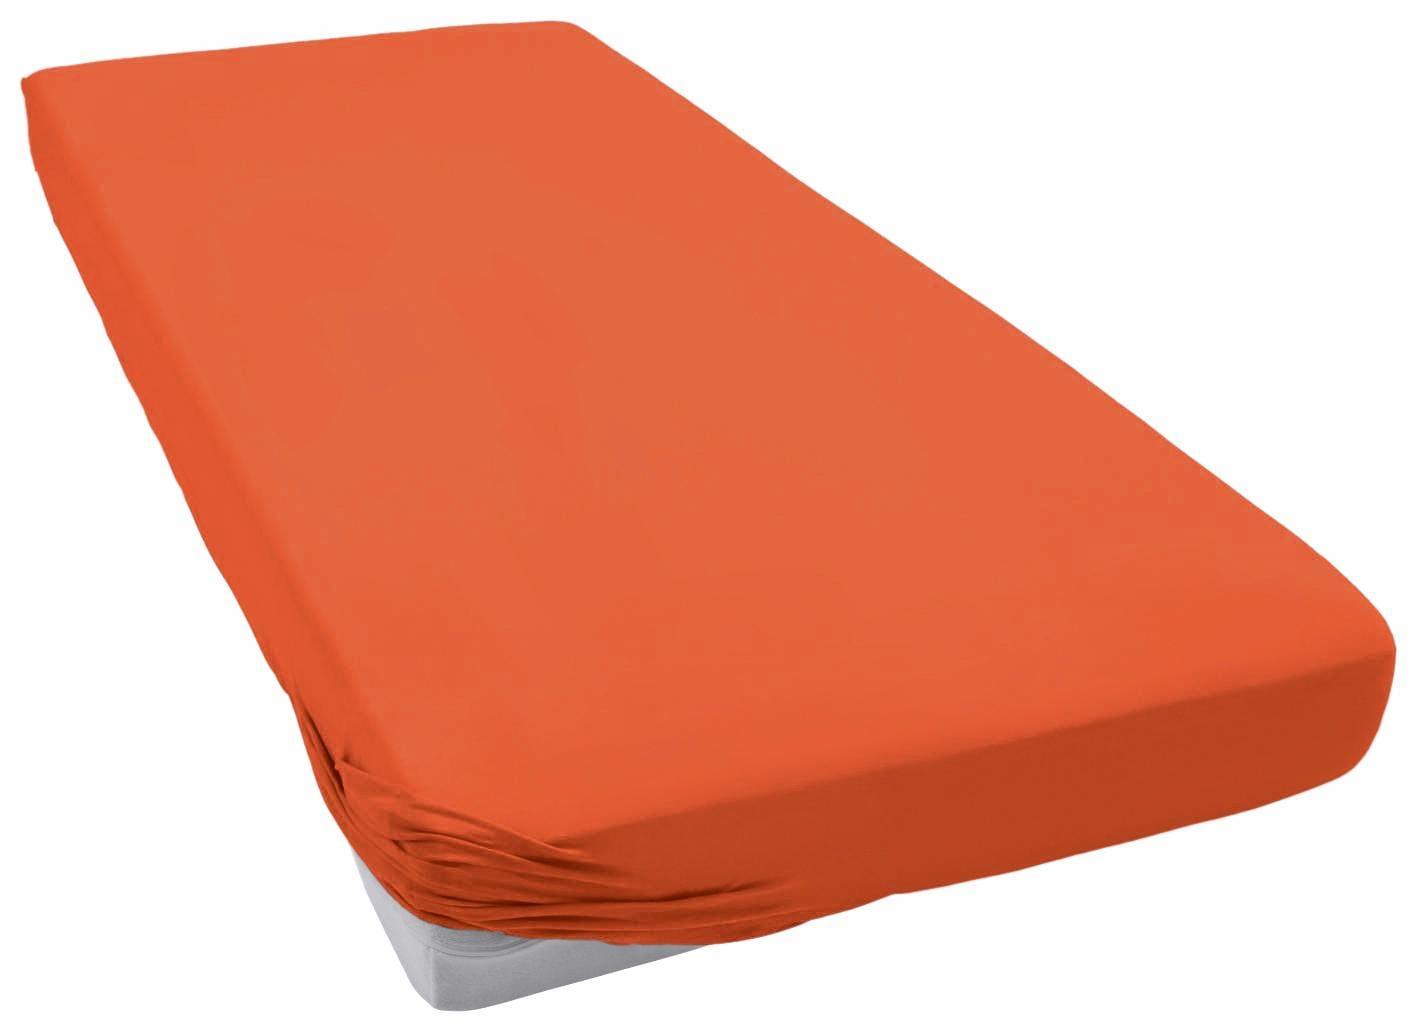 Spannbettlaken »Teddy Flausch«, Primera | Bekleidung > Bademode > Bademäntel | Orange | Flausch - Biber - Baumwolle - Polyester | PRIMERA FIRST SLEEPWARE